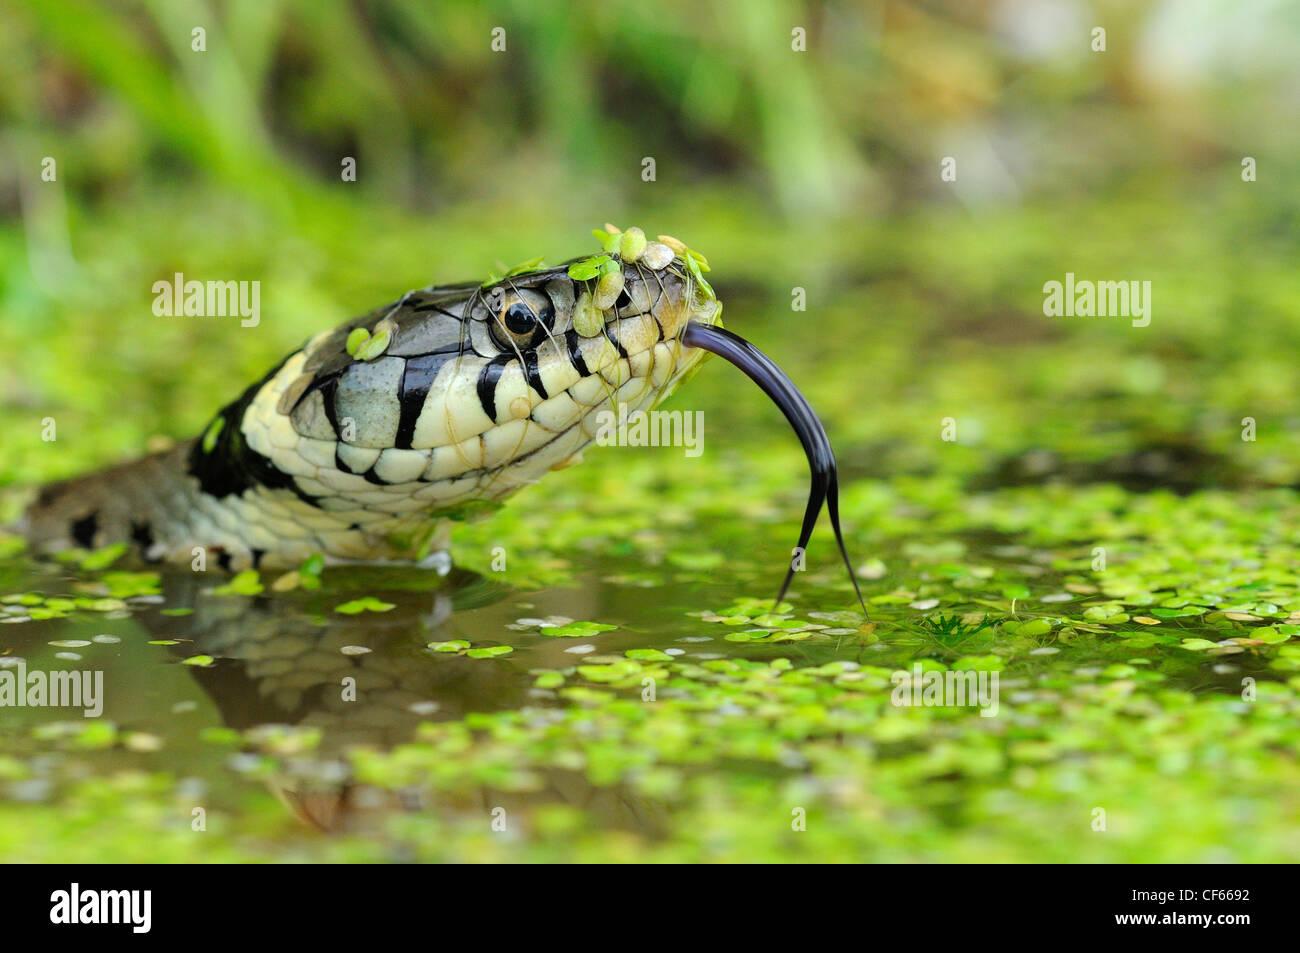 Una Biscia dal collare (Natrix natrix) in acqua. Immagini Stock